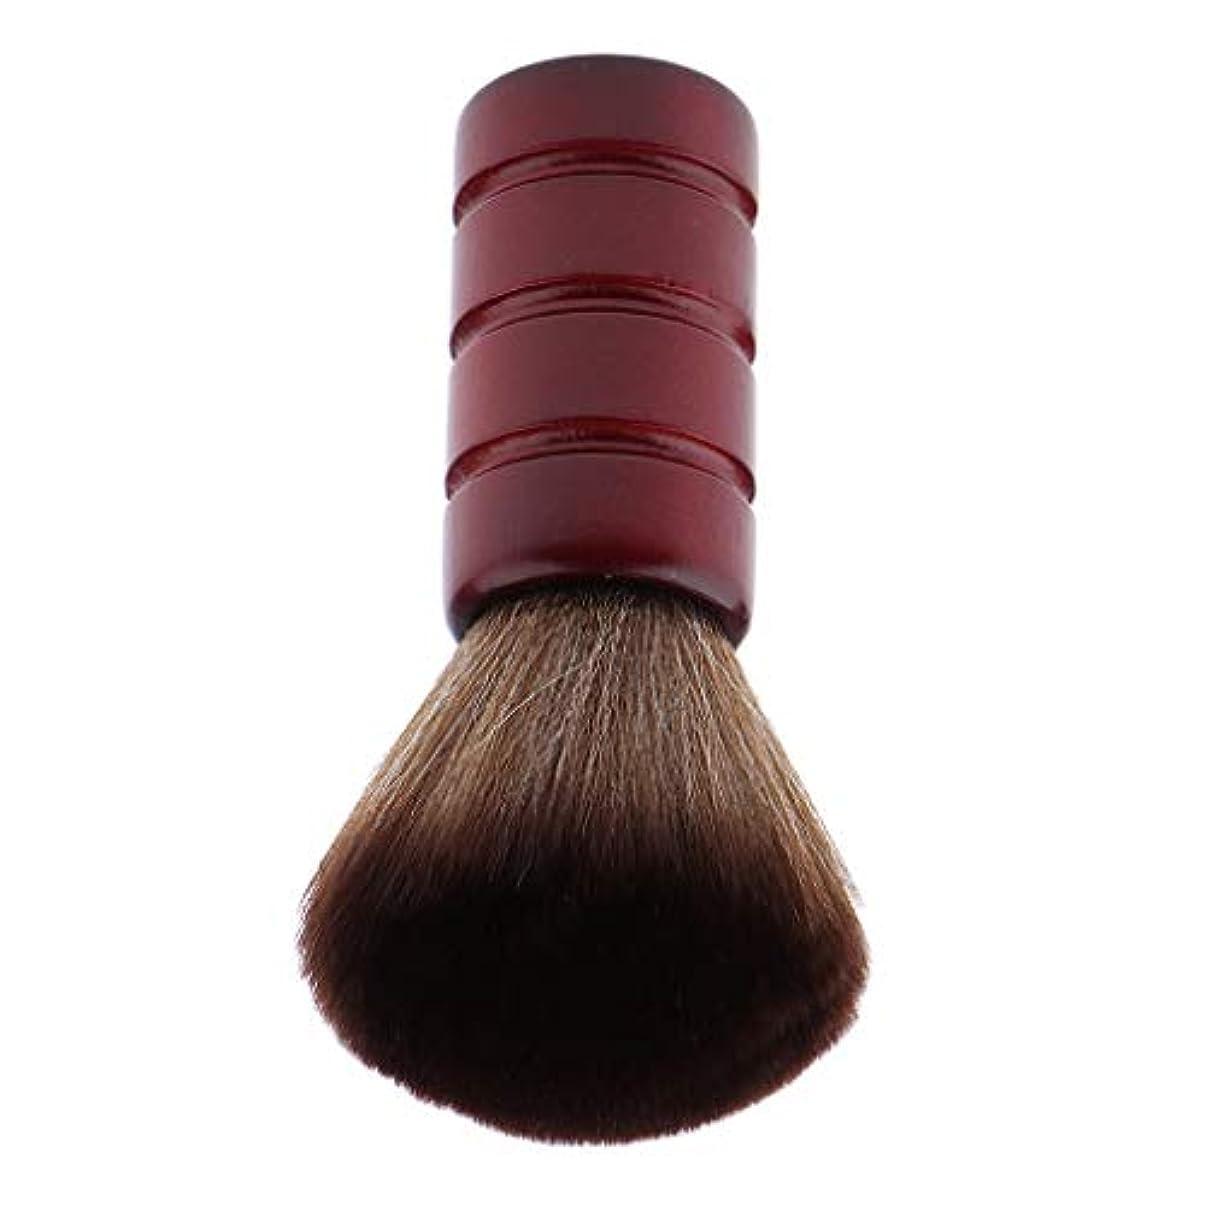 F Fityle バーバー ネックダスターブラシ 理髪 サロン 顔のダスターブラシ シェービング ヘアカット ブラシ